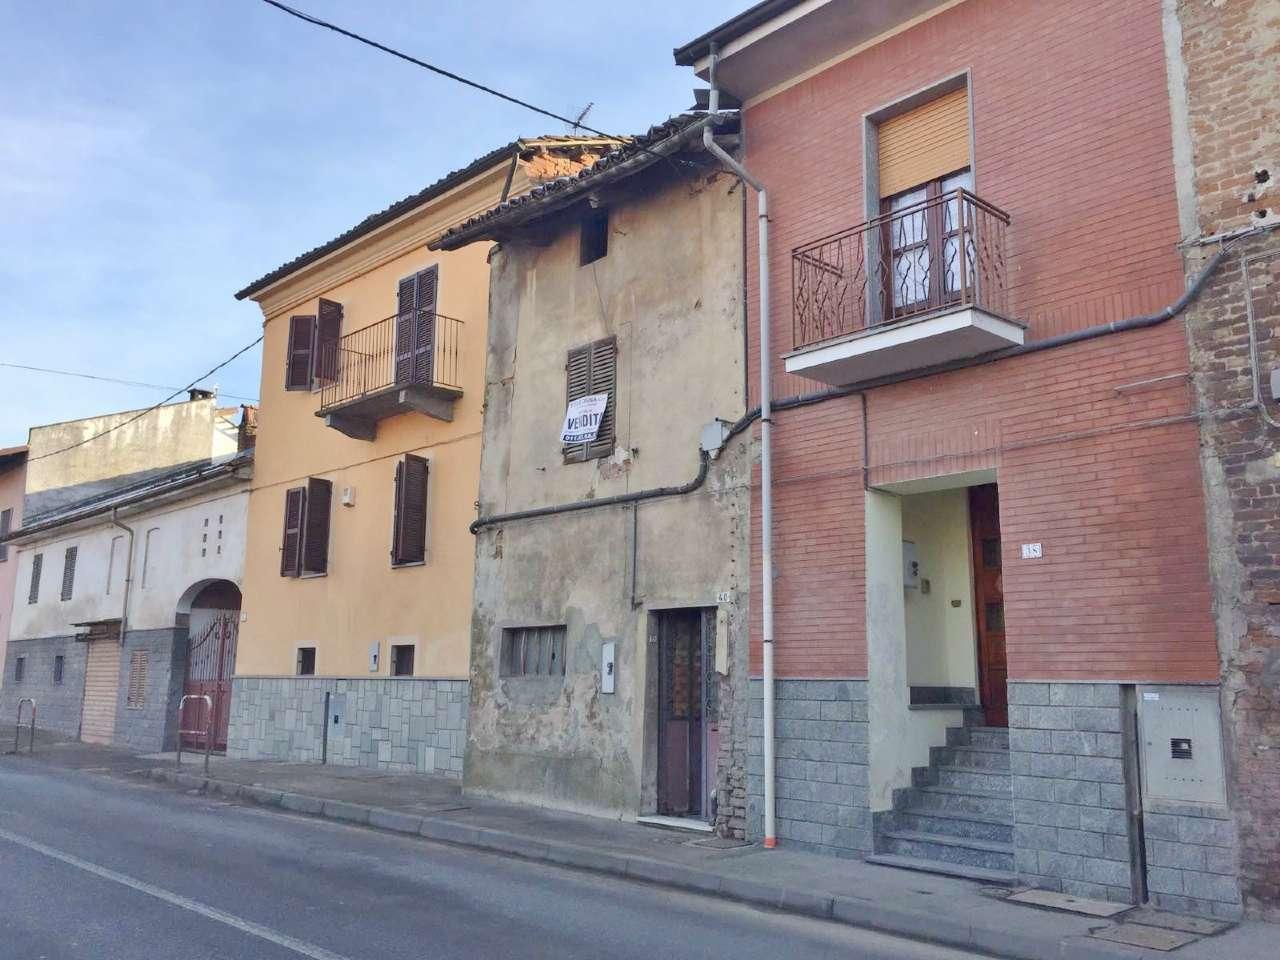 Soluzione Indipendente in vendita a Brusasco, 3 locali, prezzo € 45.000 | CambioCasa.it